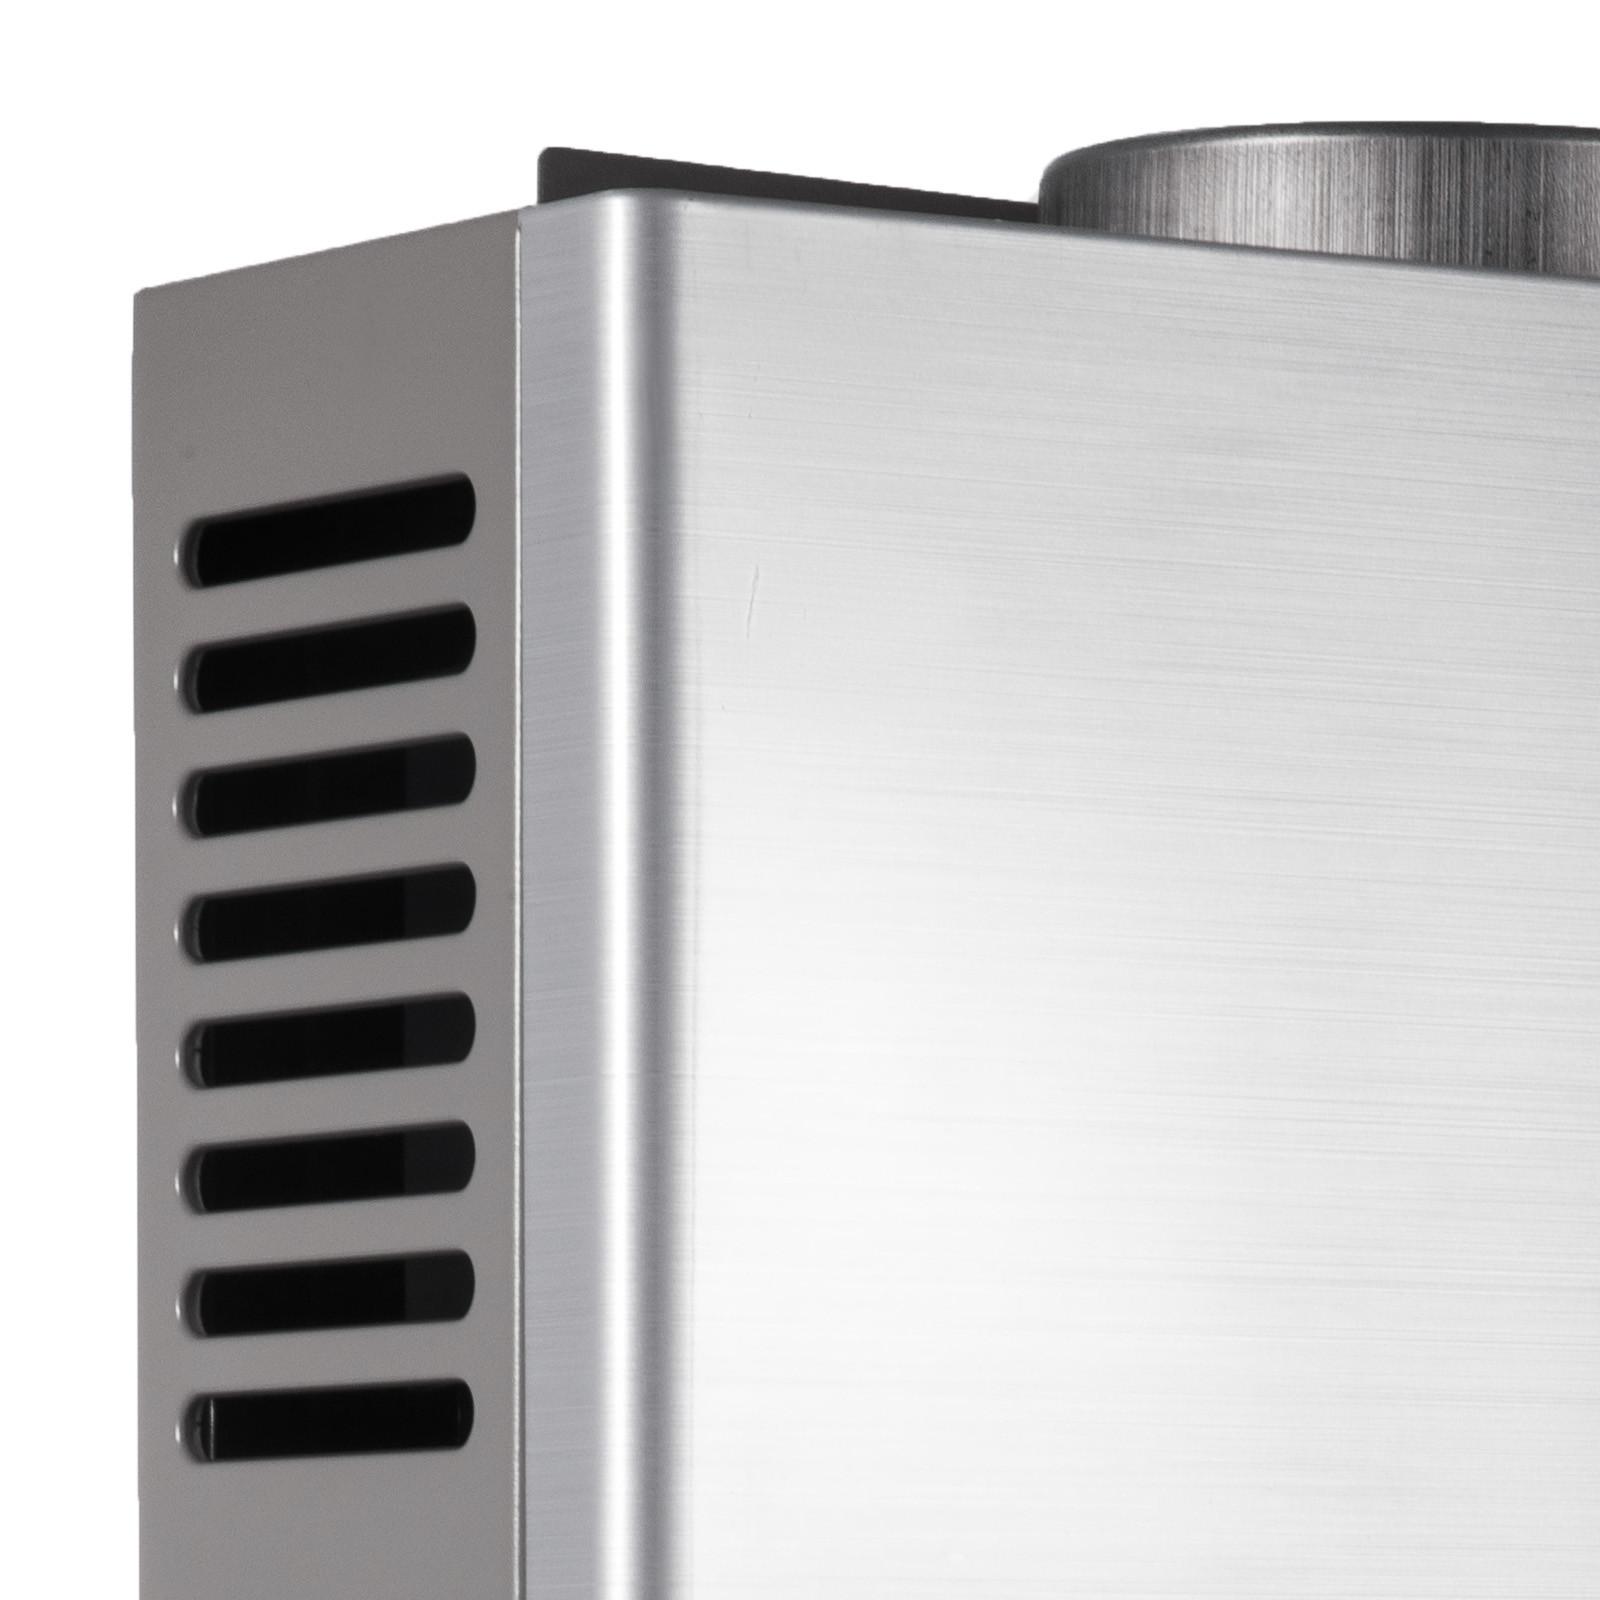 Chauffe-eau-Instantanee-a-Gaz-Naturel-Multi-Protections-12L-Min-Avec-Douche miniature 7